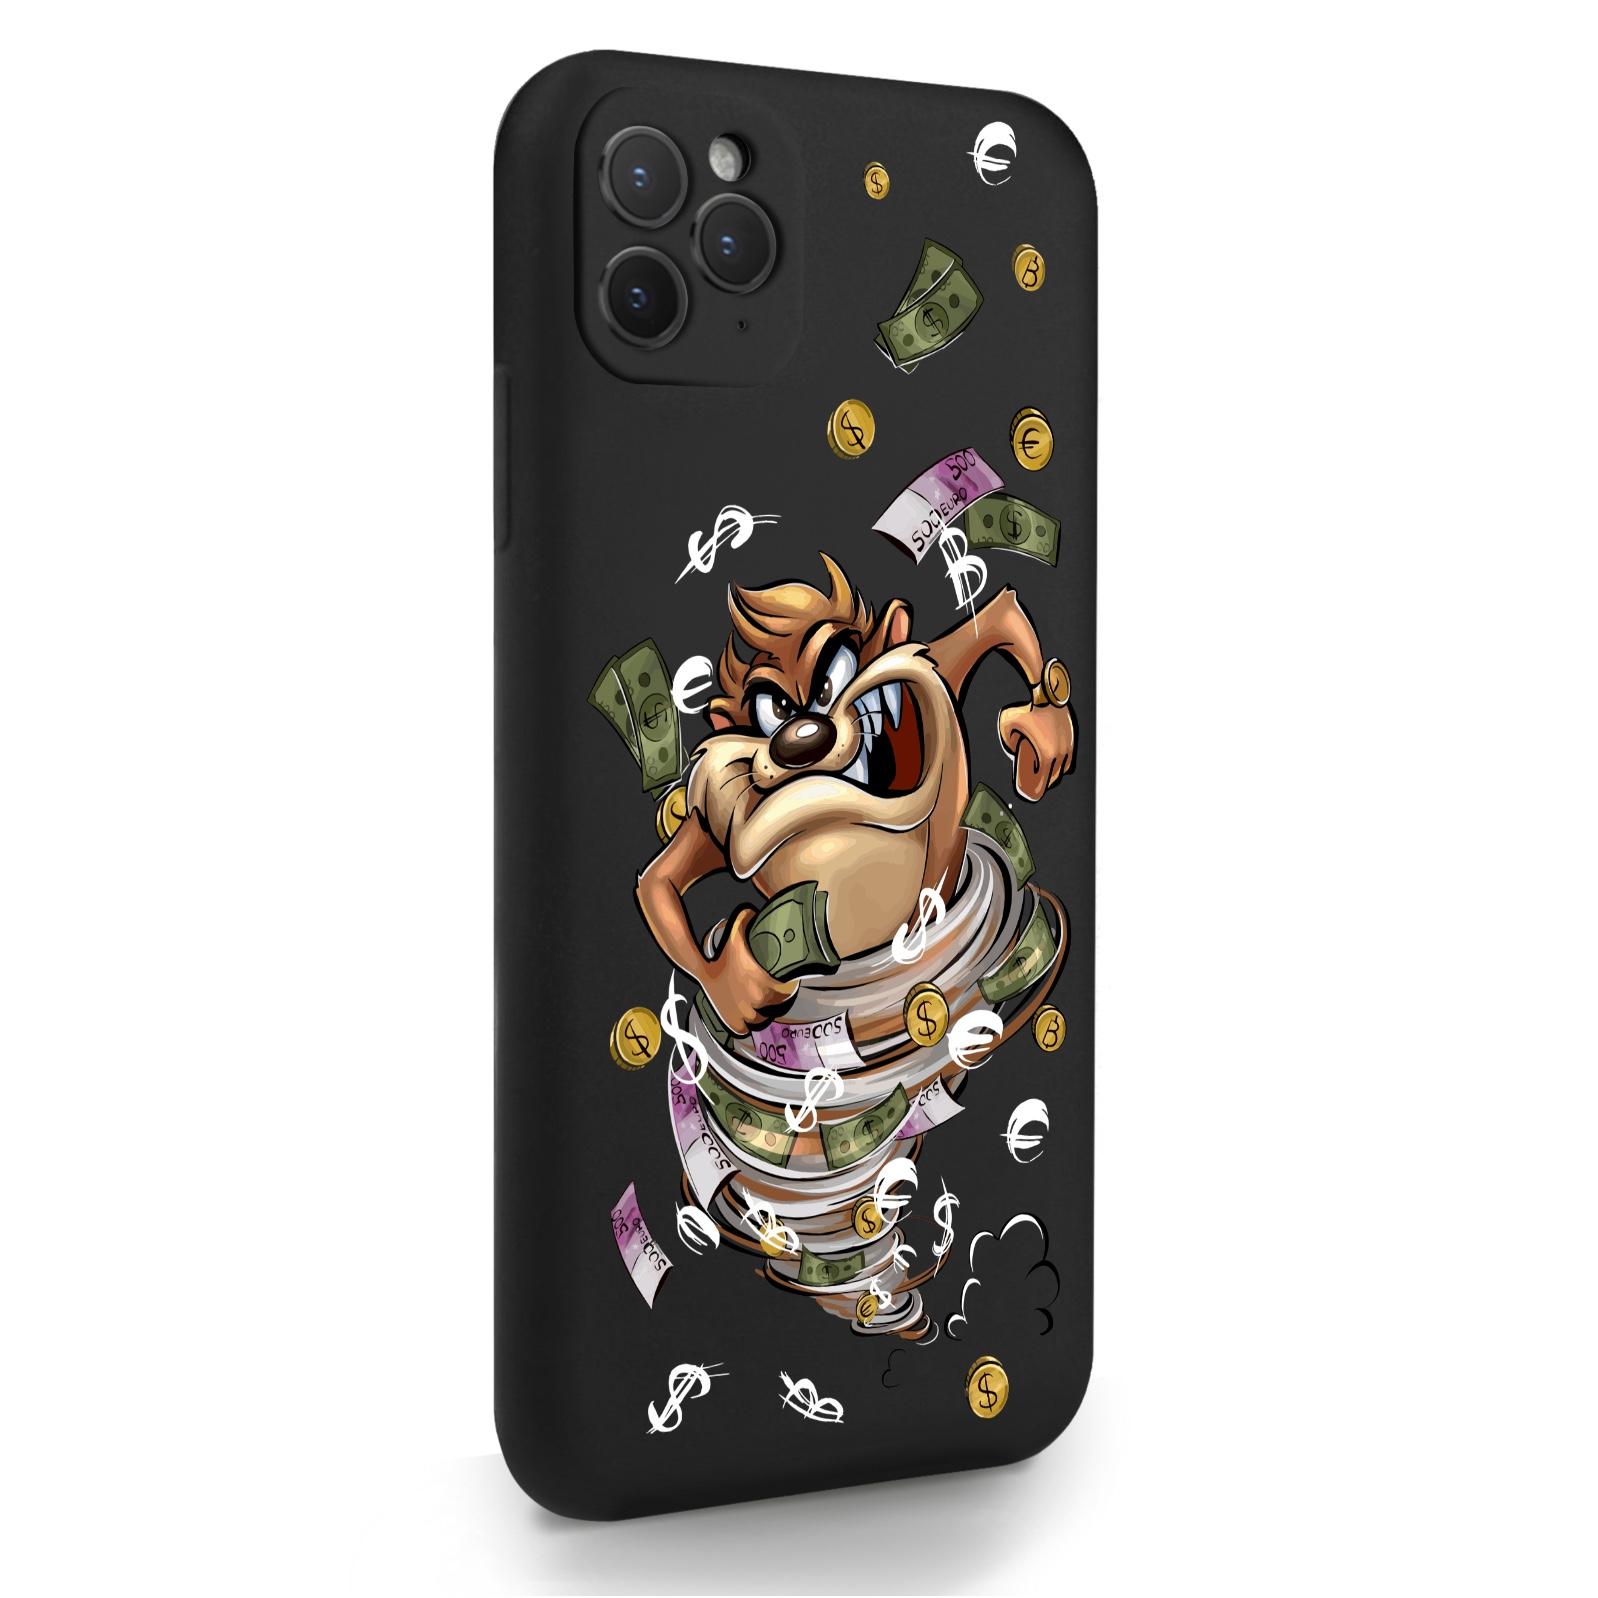 Черный силиконовый чехол для iPhone 11 Pro Max Торнадо для Айфон 11 Про Макс